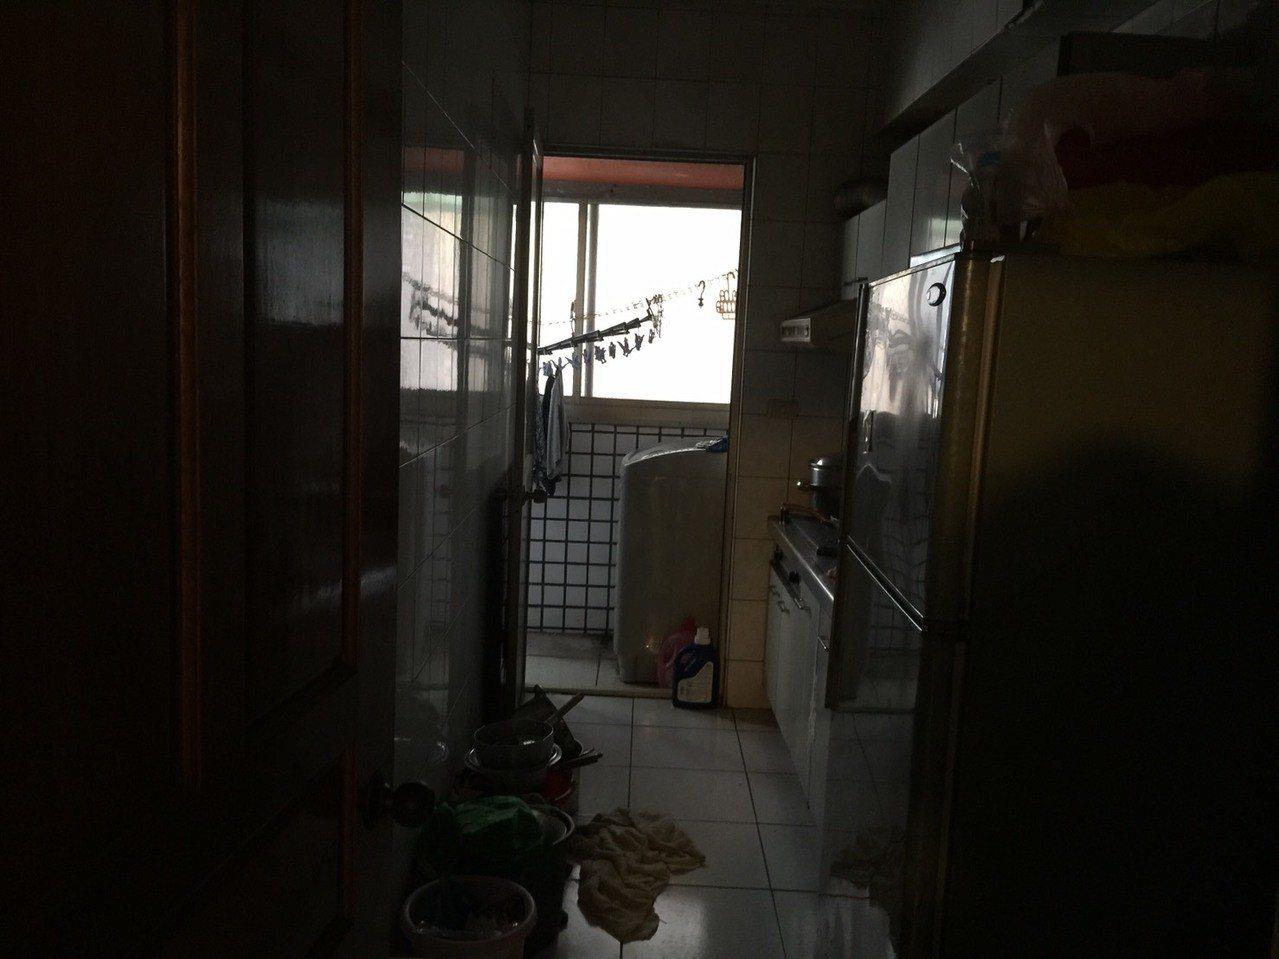 台中市西屯區黎明路三段大樓今天清晨傳出廖姓男子一家六口,瓦斯中毒意外,因門窗緊閉...